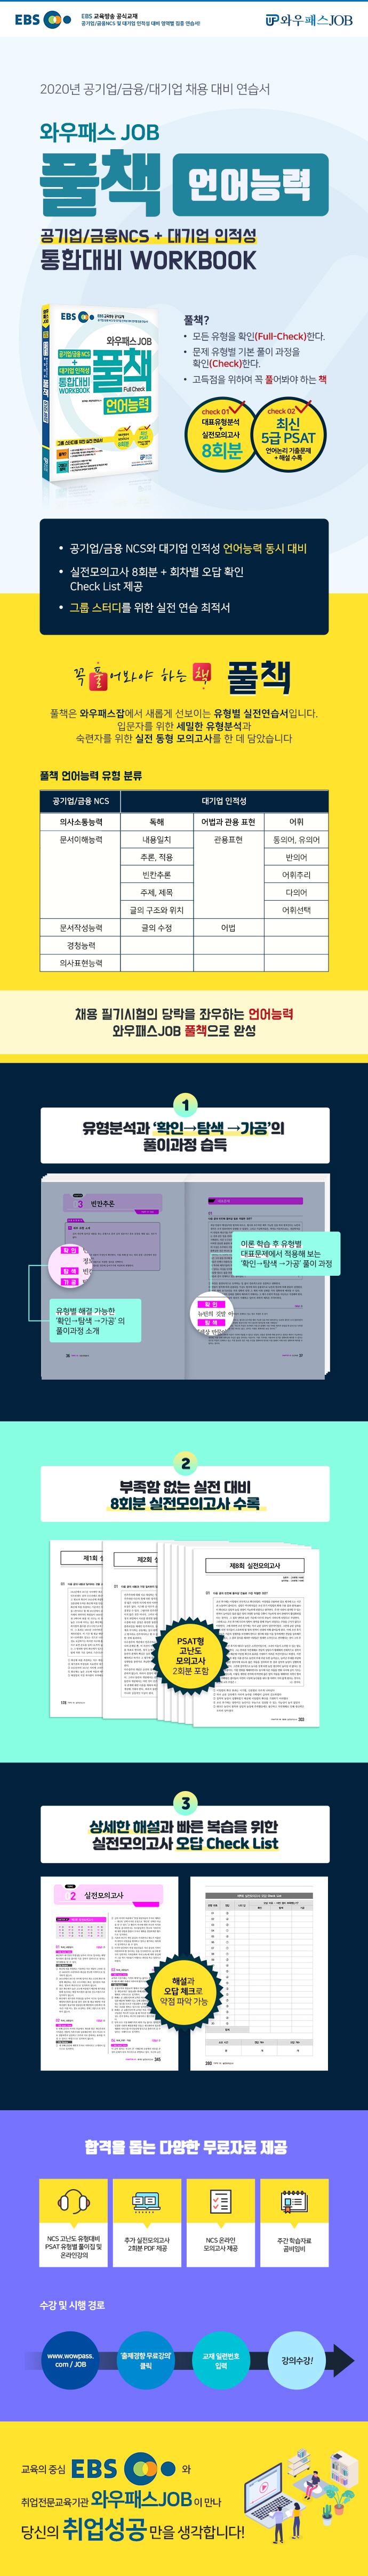 공기업/금융 NCS + 대기업 인적성 통합대비 Workbook 풀책 언어능력(EBS 와우패스 JOB) 도서 상세이미지